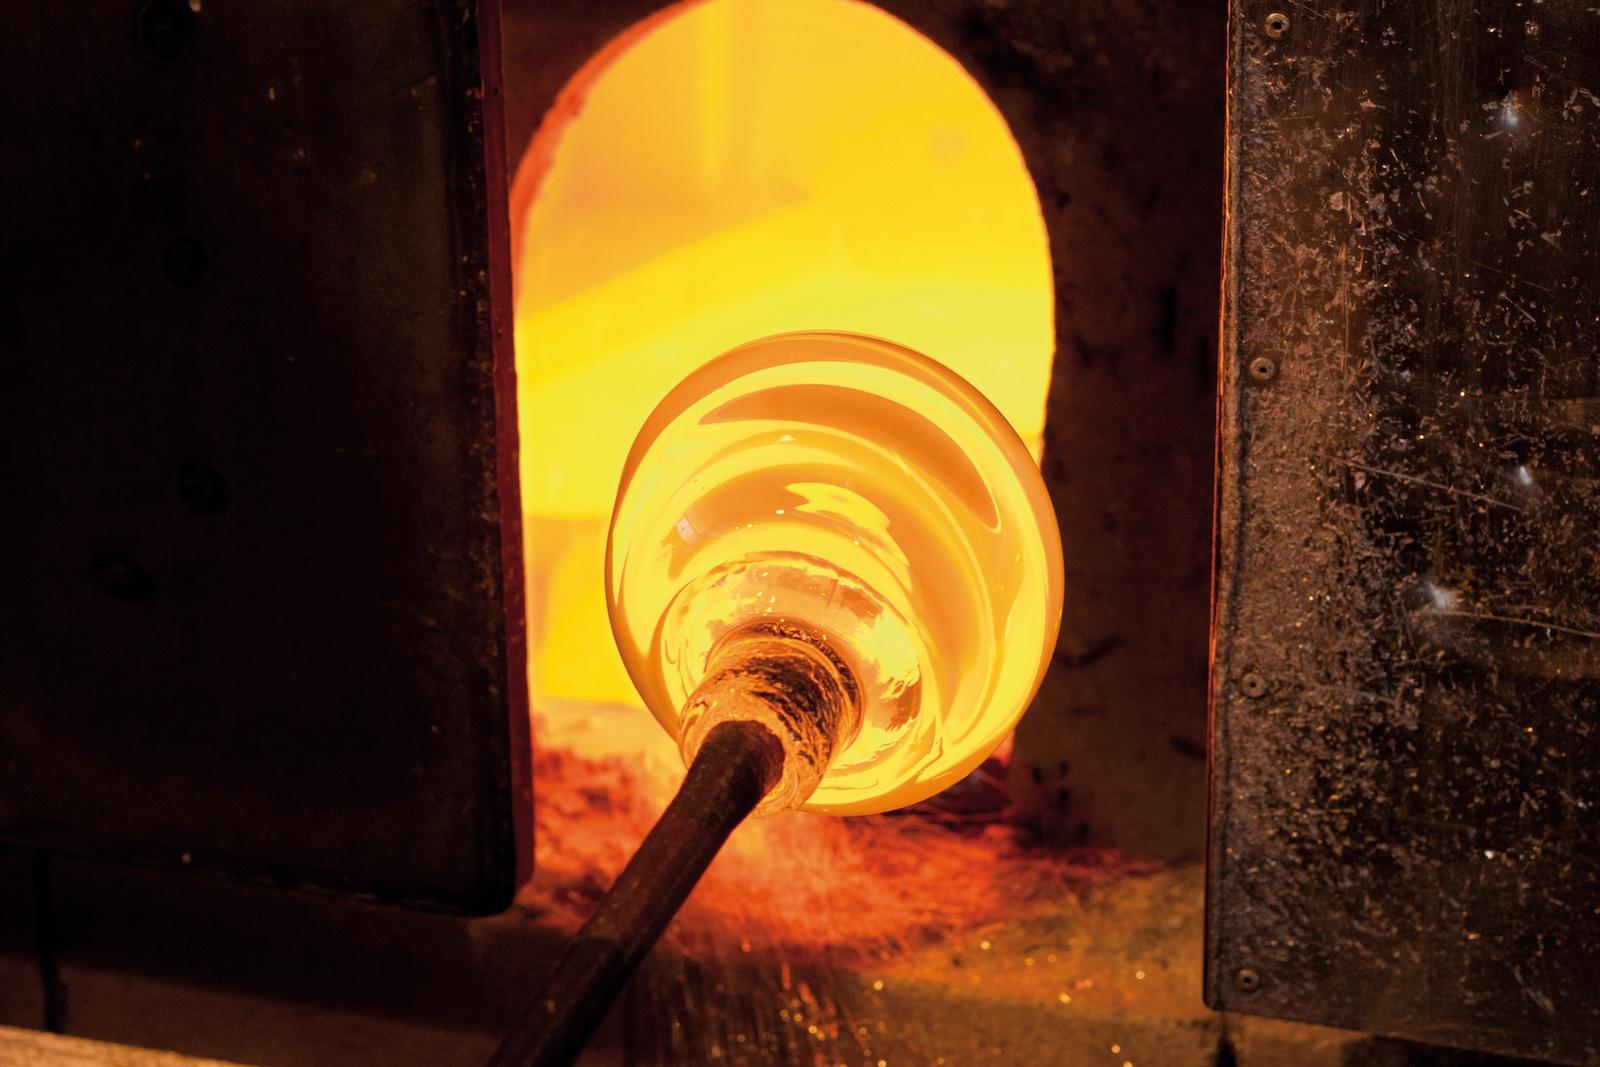 Die Glasmasse wird aus dem Schmelzofen geholt. Anschließend muss der Glaskörper immer wieder zurück in die Hitze, um ihn weiter bearbeiten zu können.